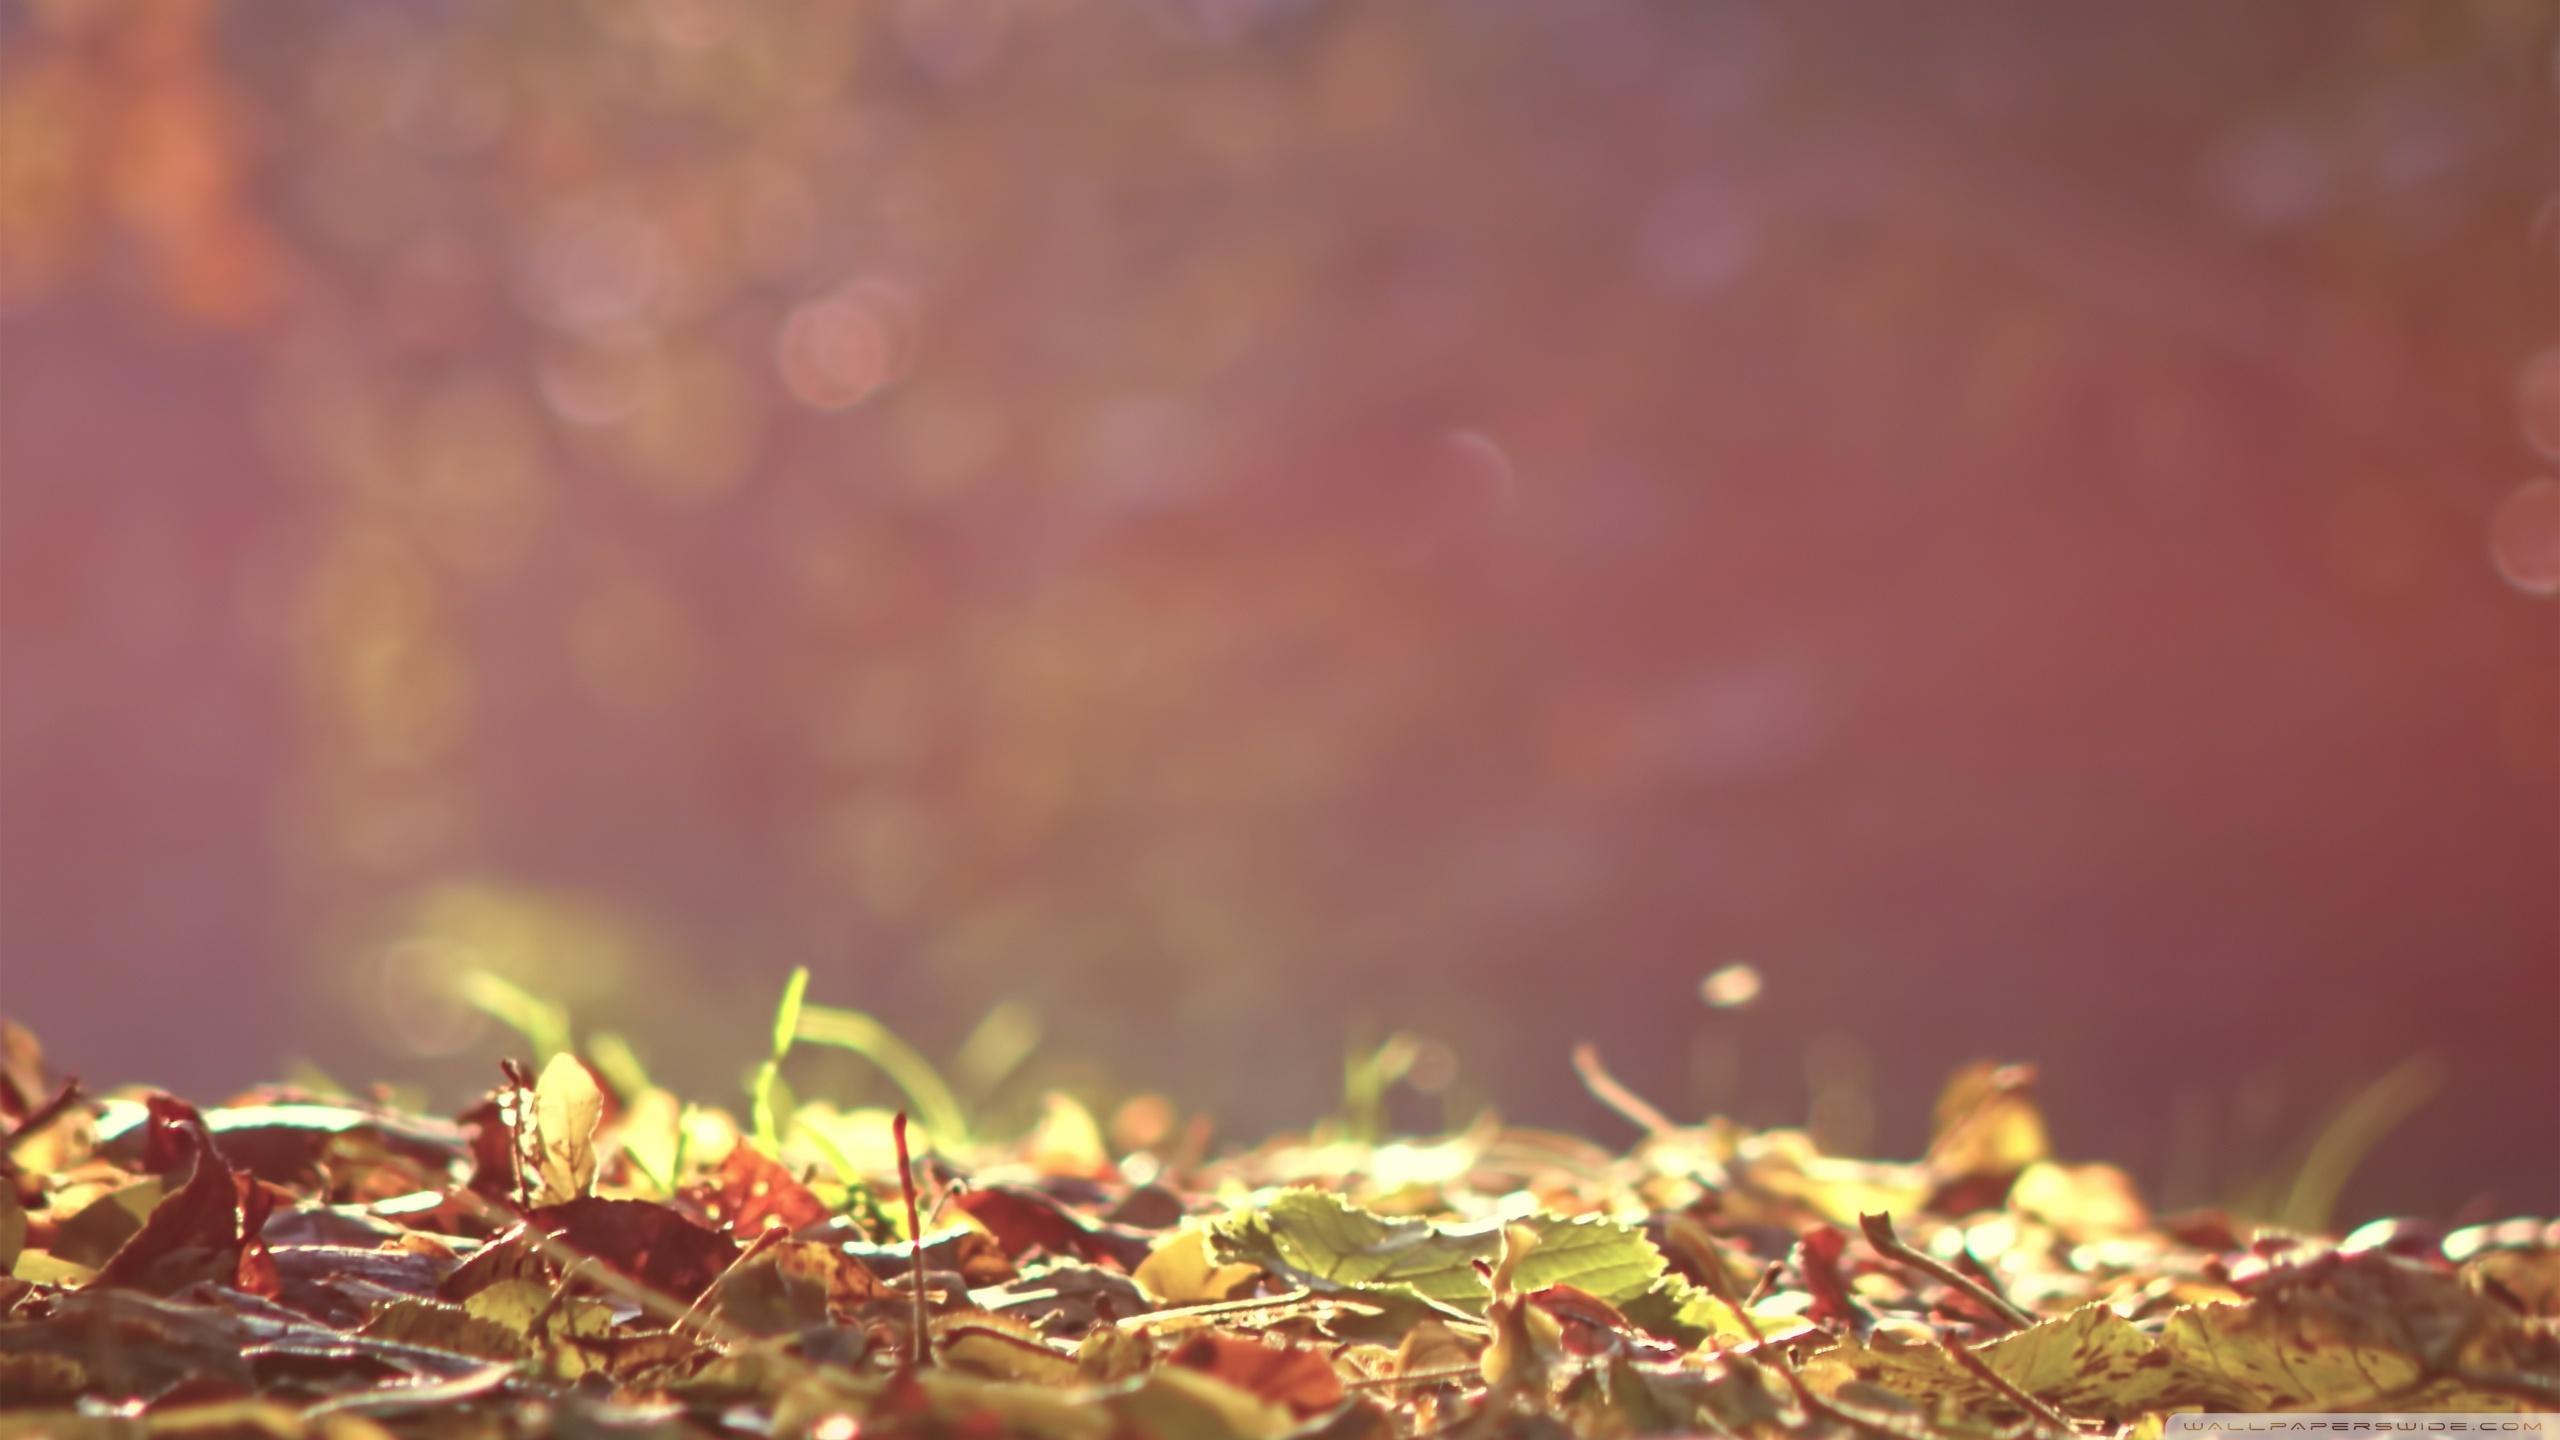 20143 скачать обои Фон, Осень, Листья - заставки и картинки бесплатно